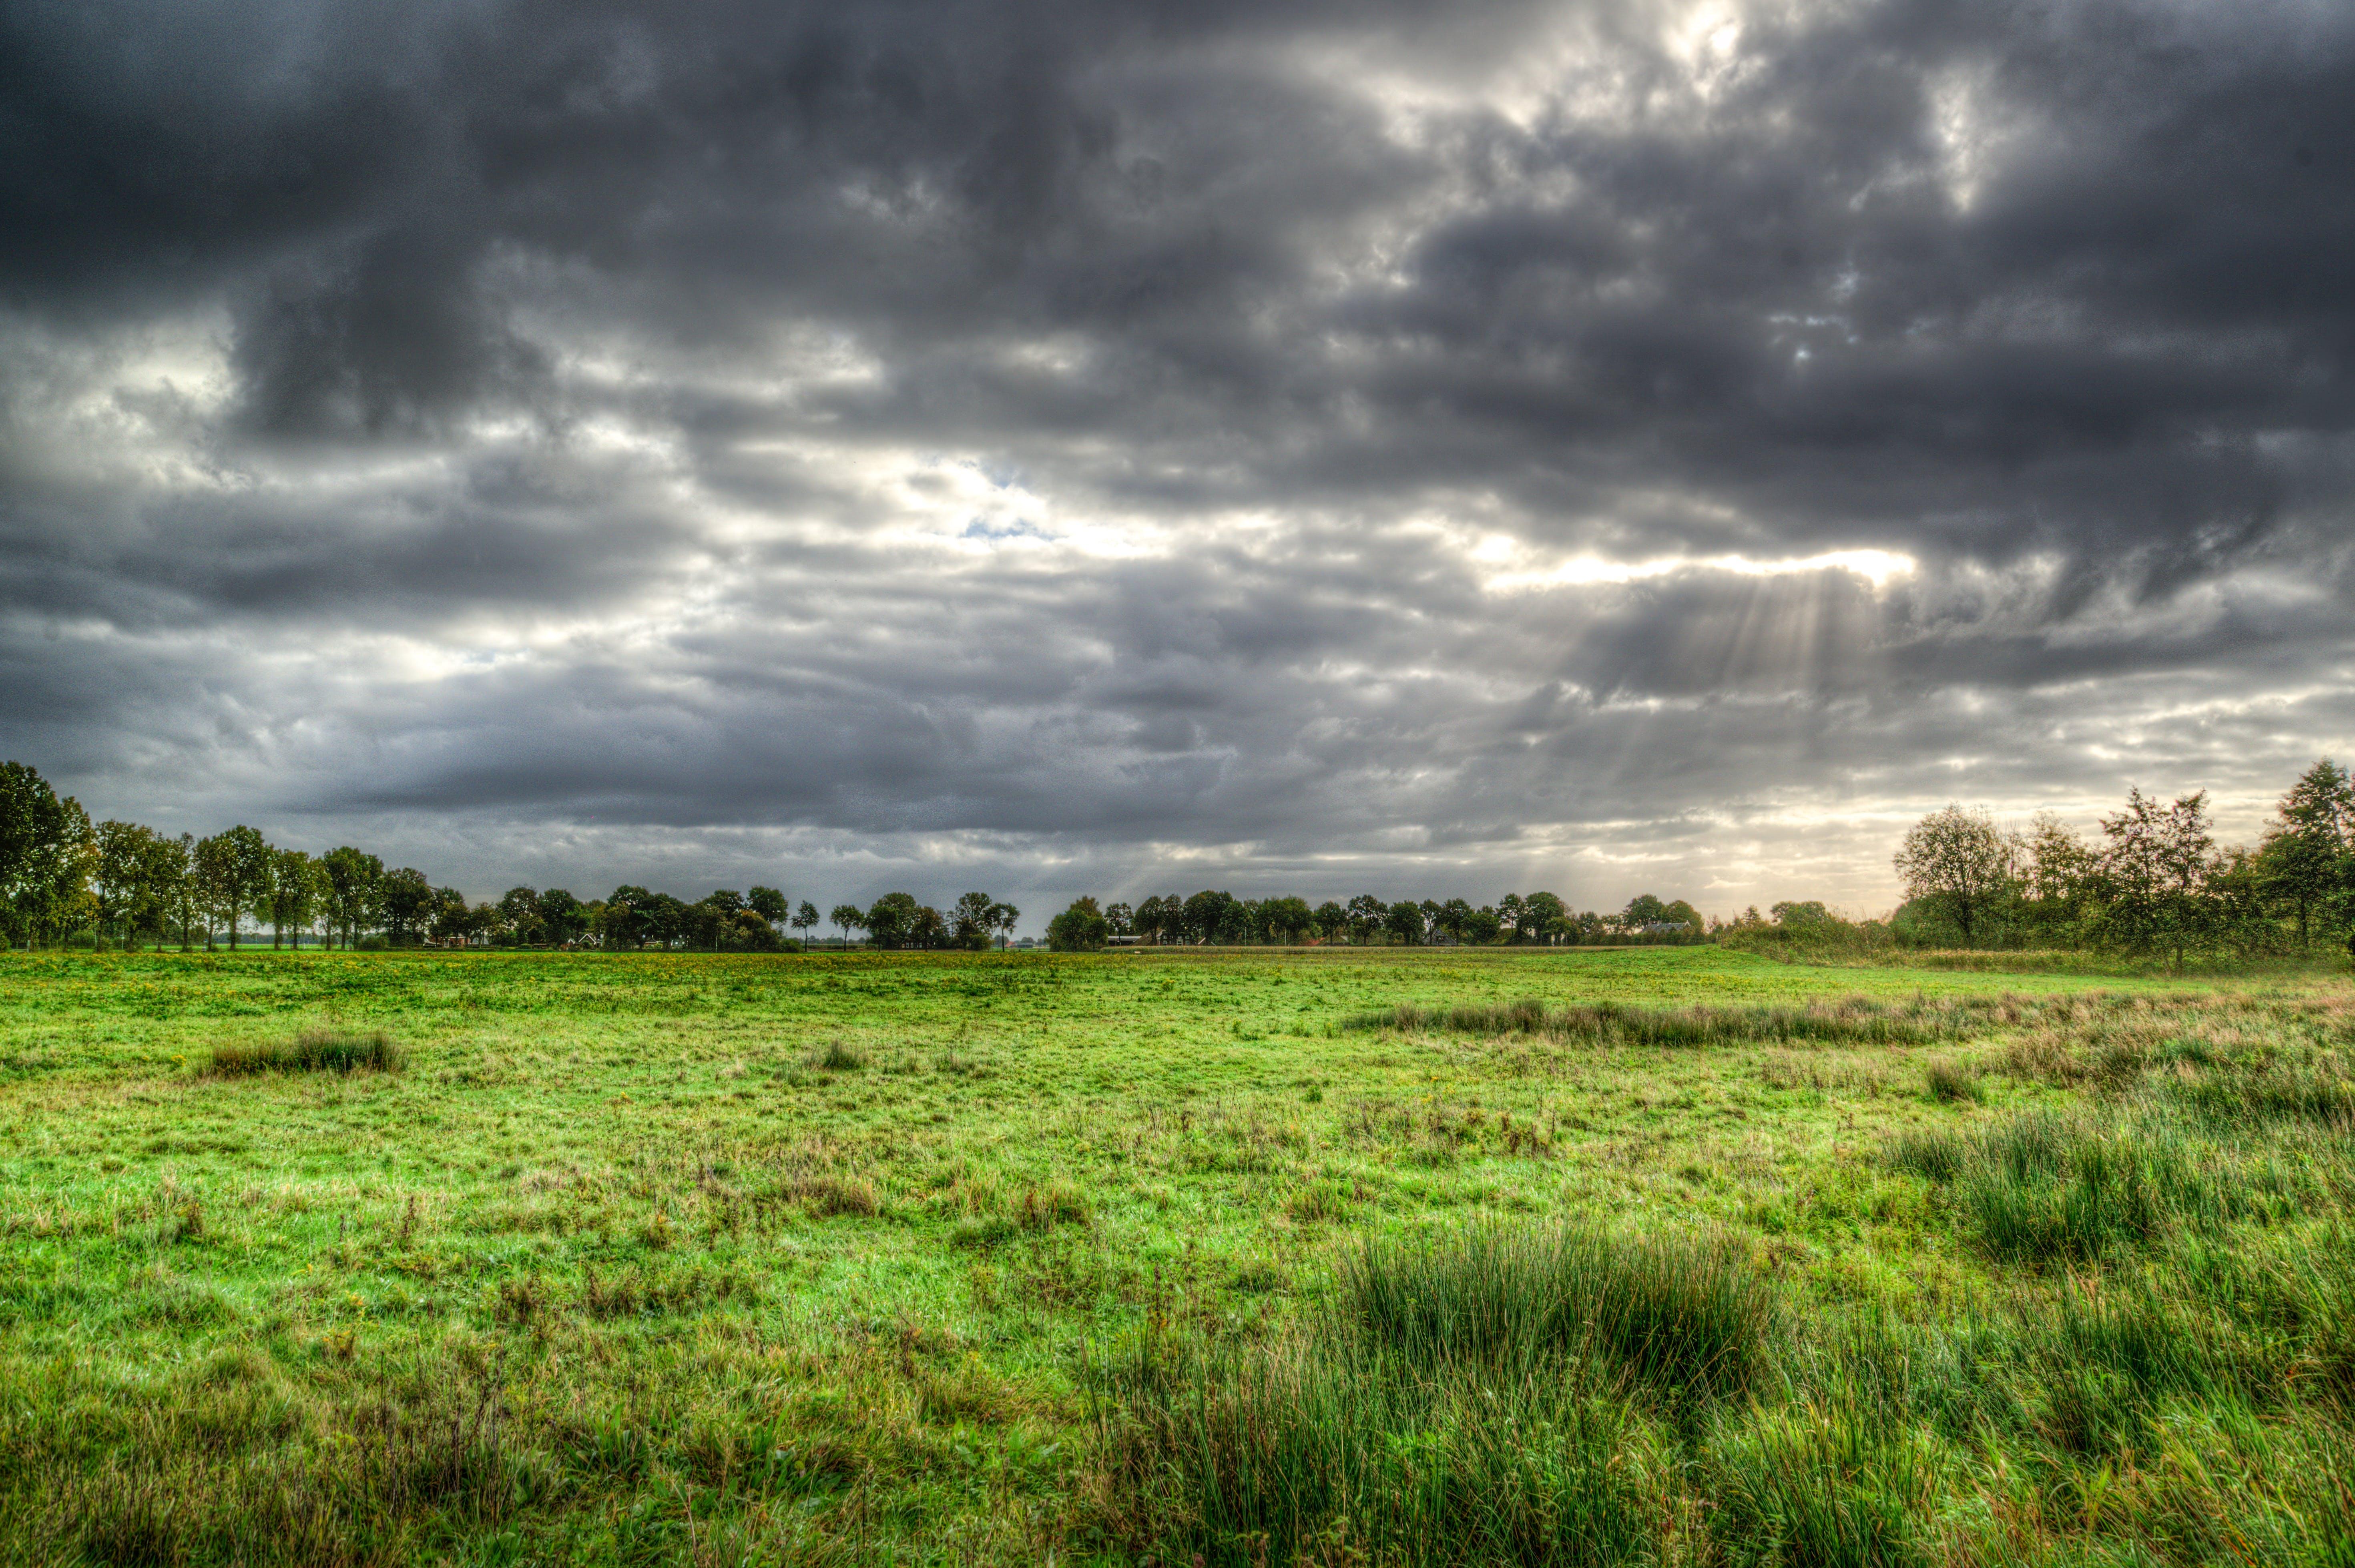 Green Grass Field Under Cloud Formation